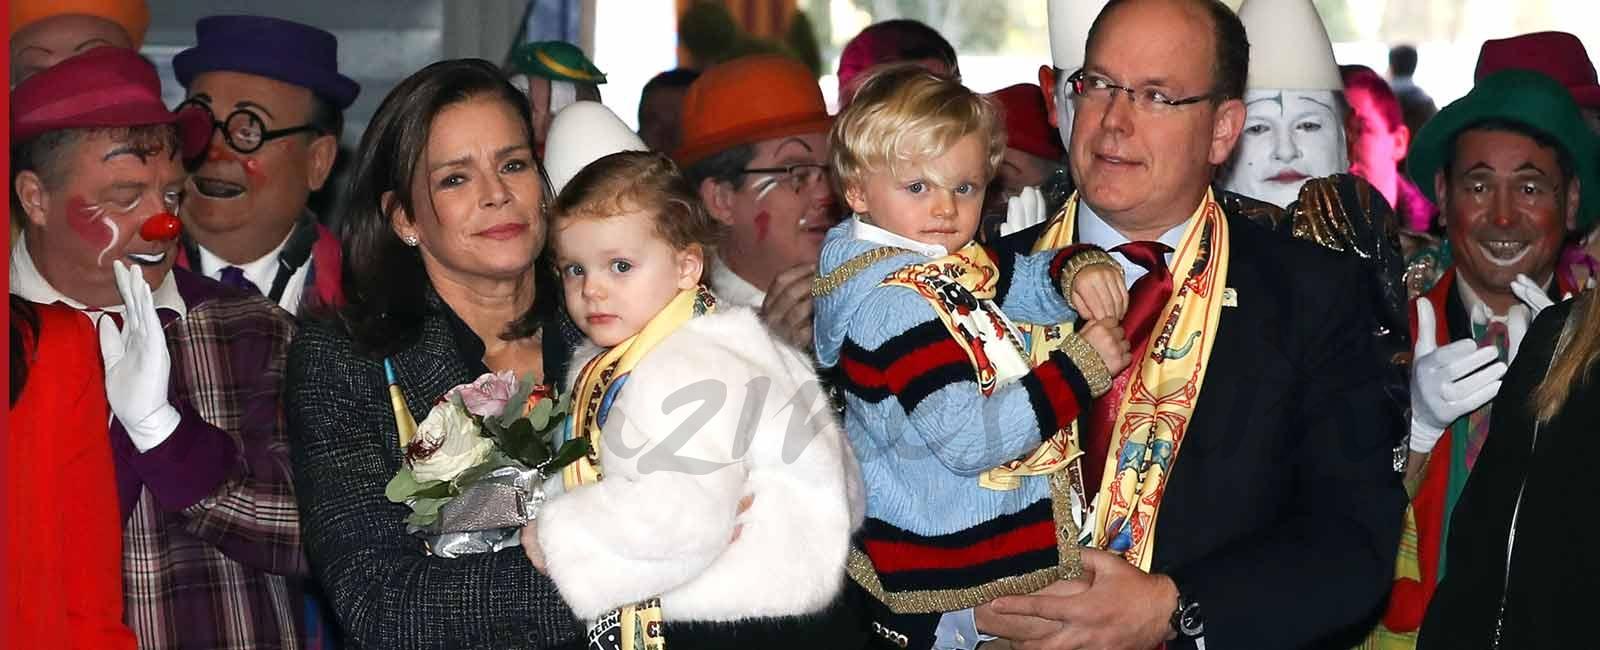 Jacques y Gabriella de Mónaco se divierten en el circo